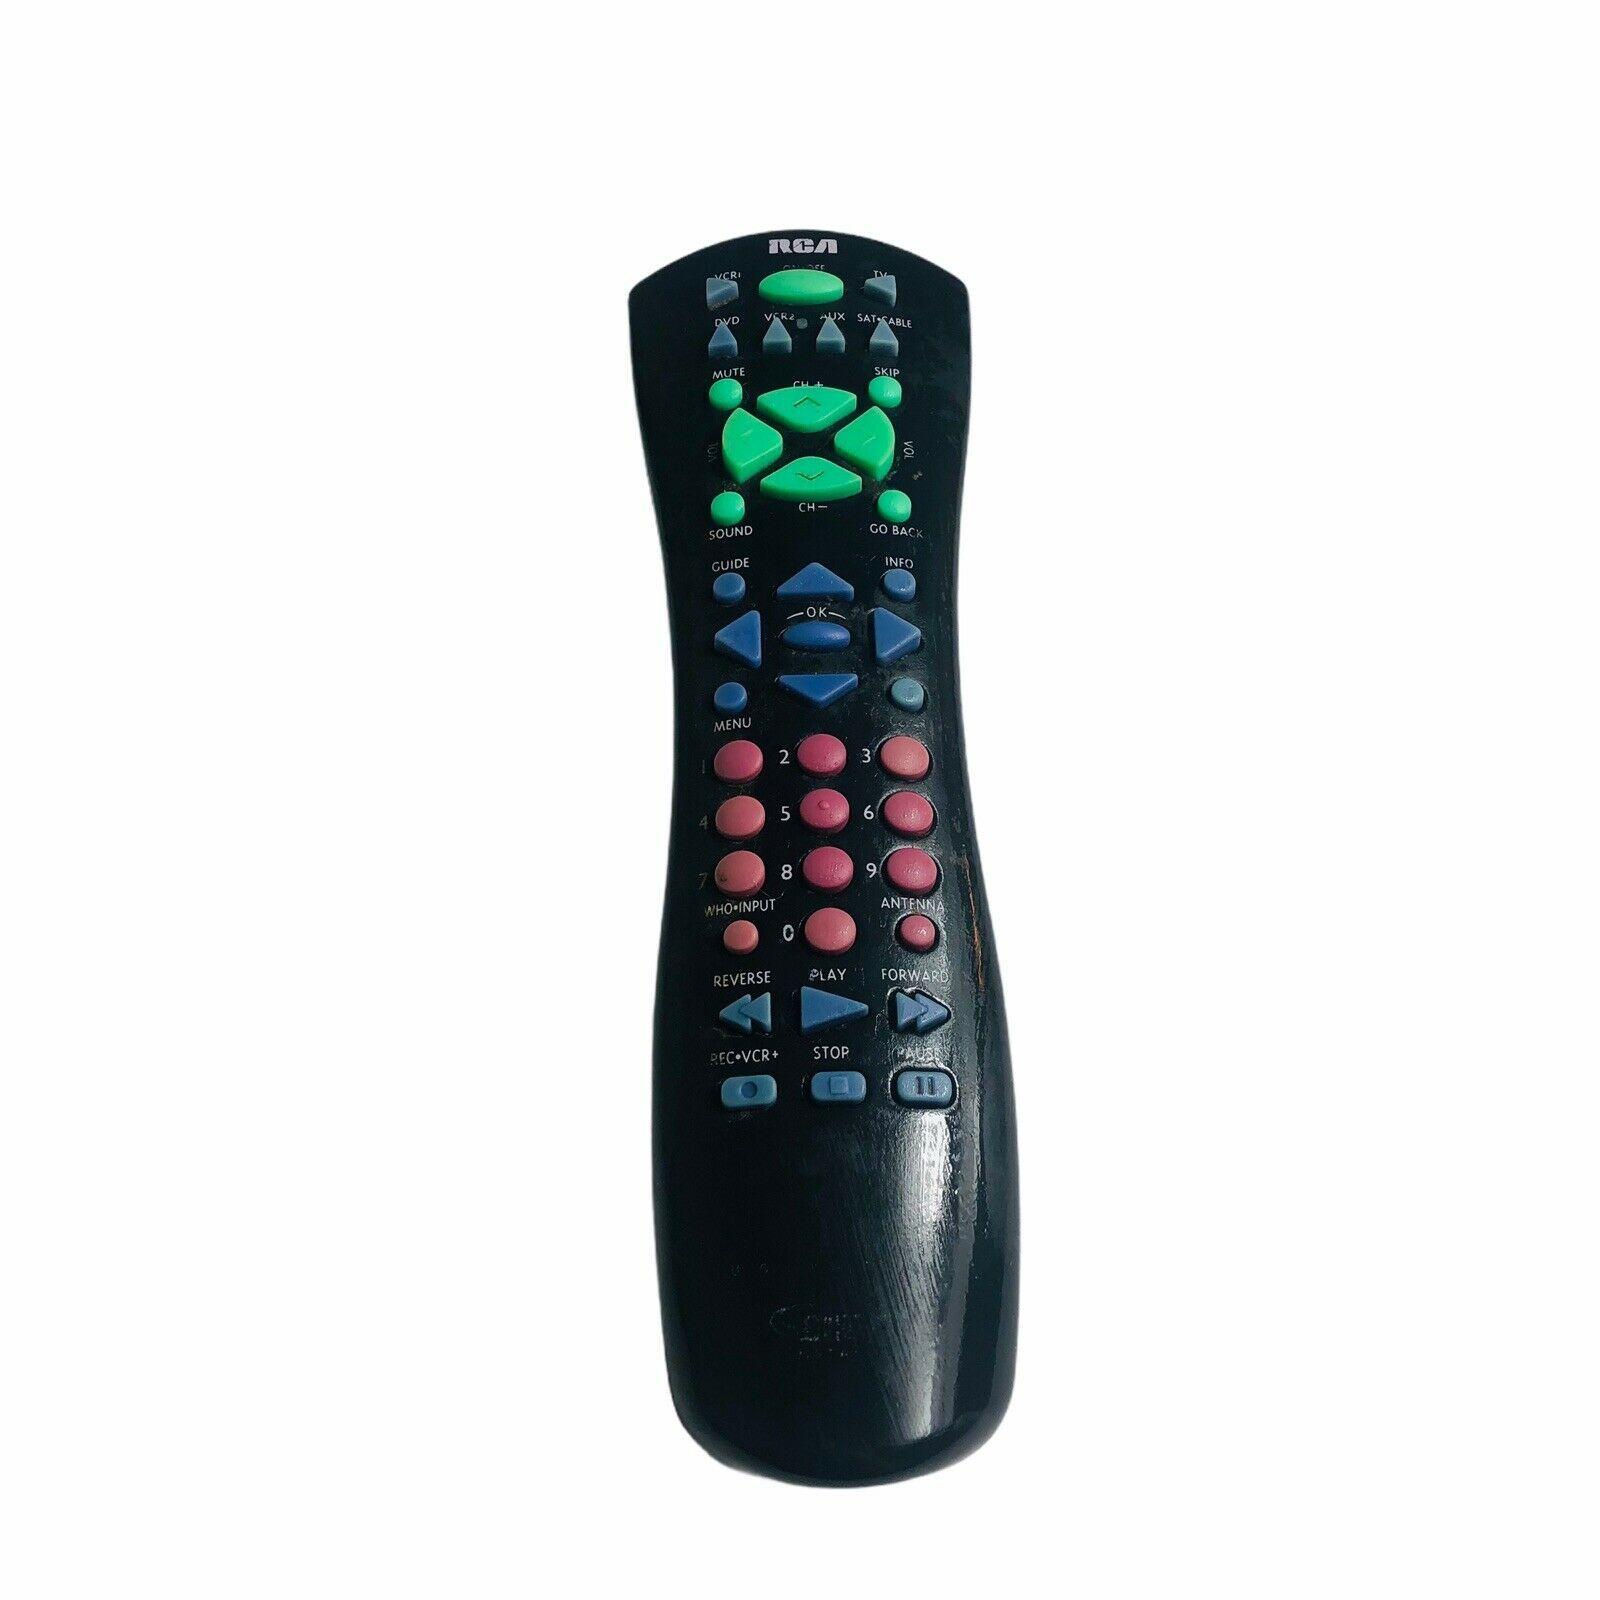 RCA CRK76TE1 Factory Original TV Remote F3666S, F3245, F32450, RP9978, P46924 - $11.29